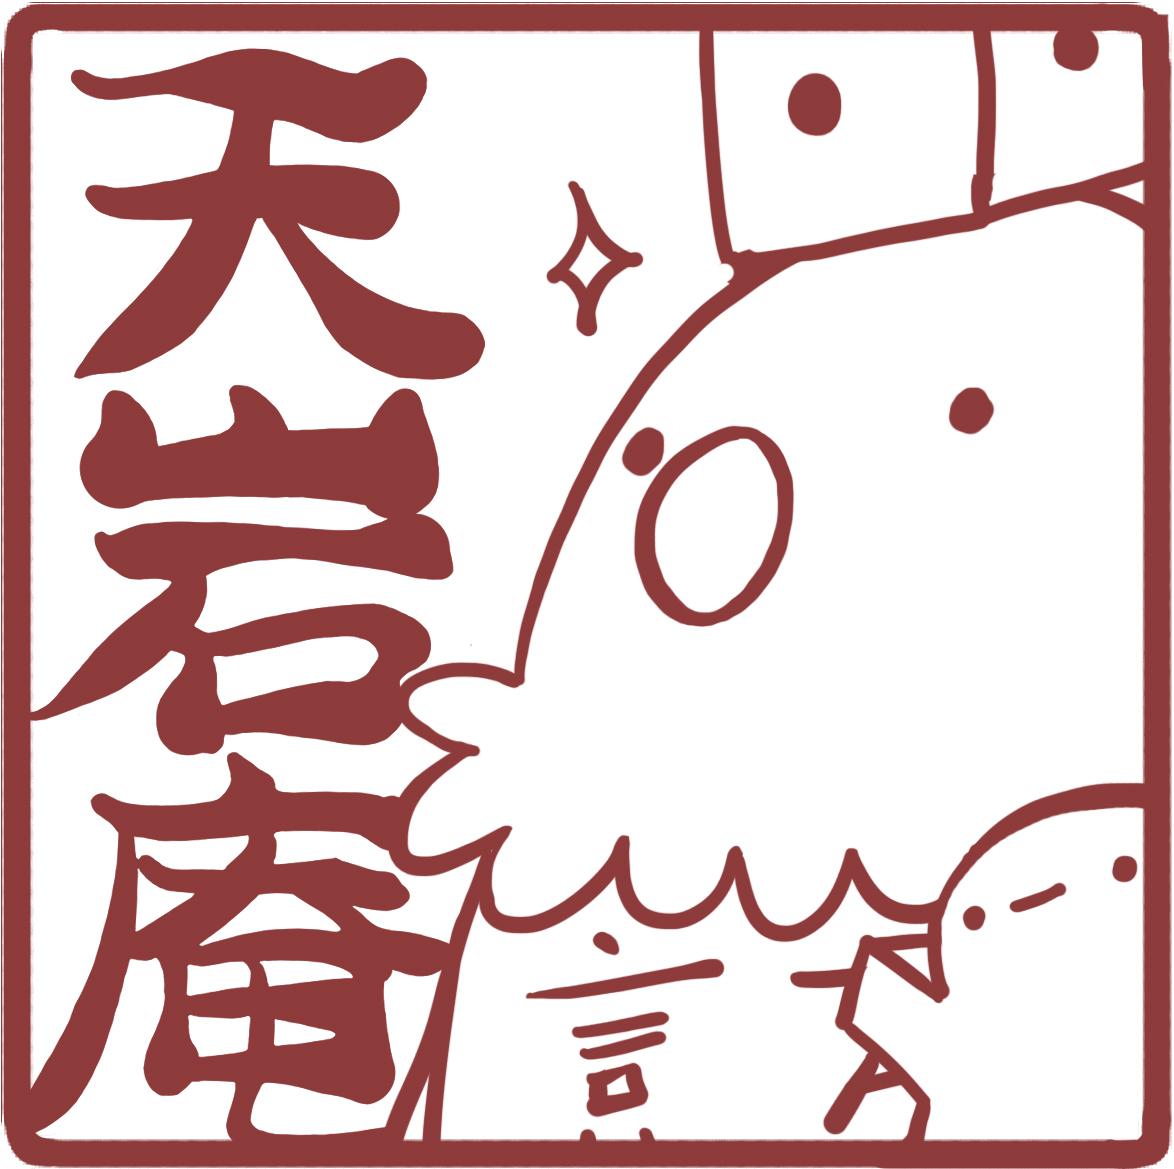 ボードゲーム喫茶 天岩庵(ボードゲームキッサ テンガンアン)